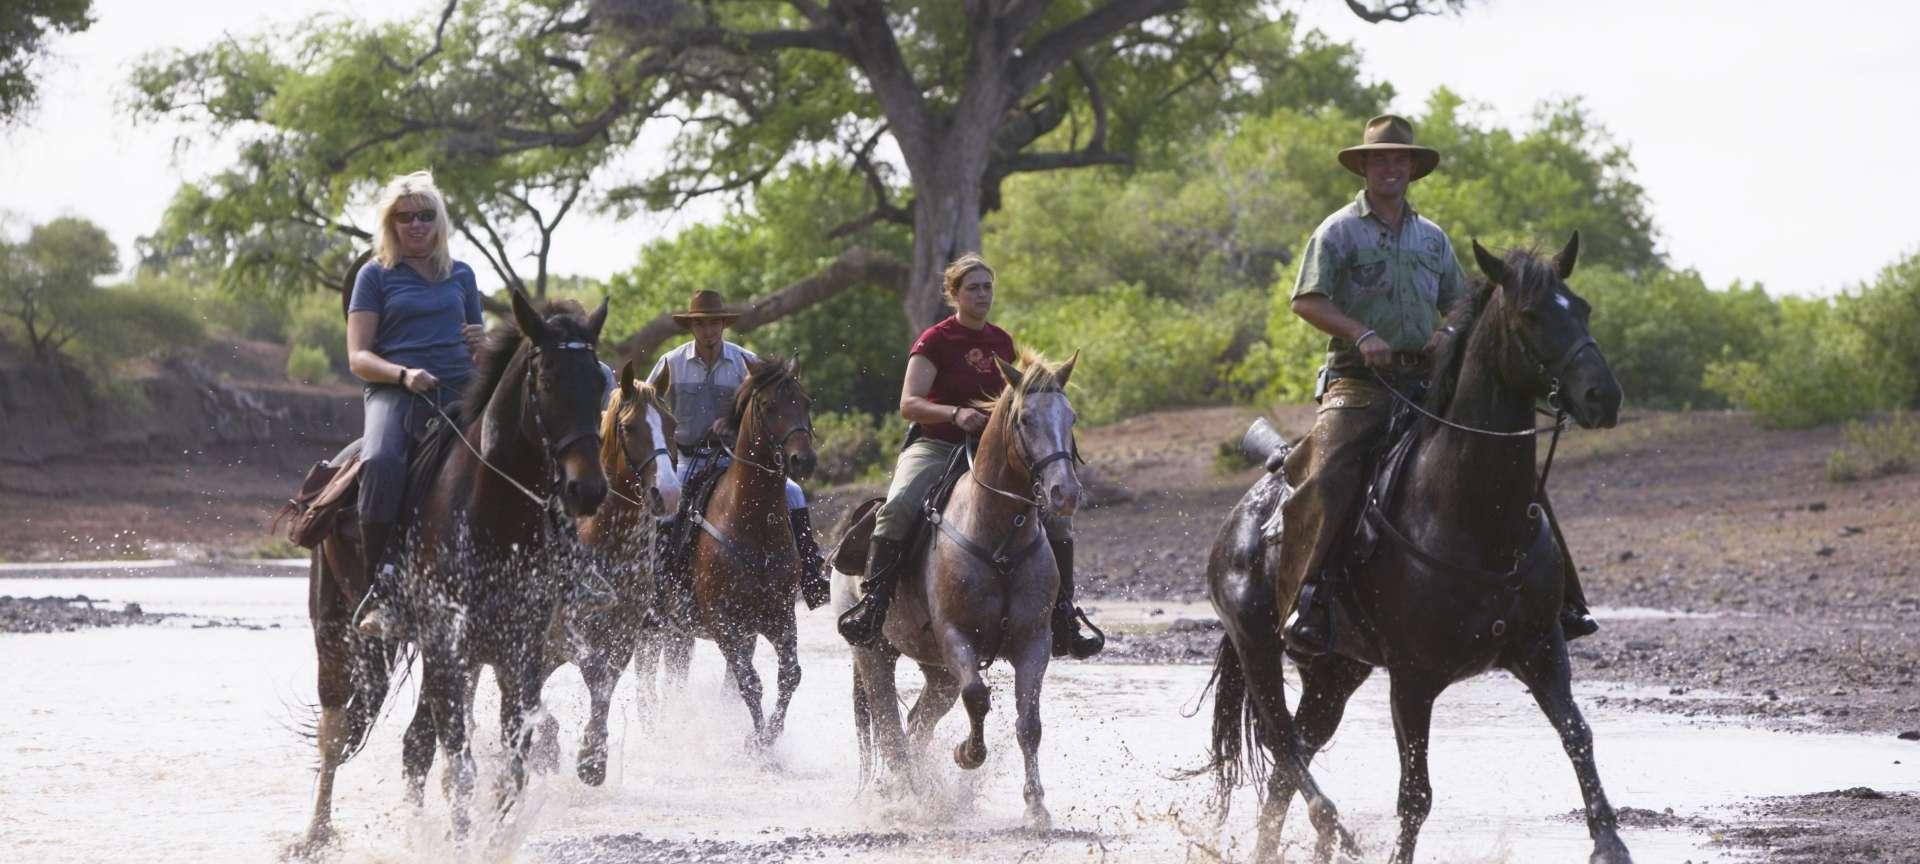 Mashatu Game Reserve - Africa Wildlife Safaris